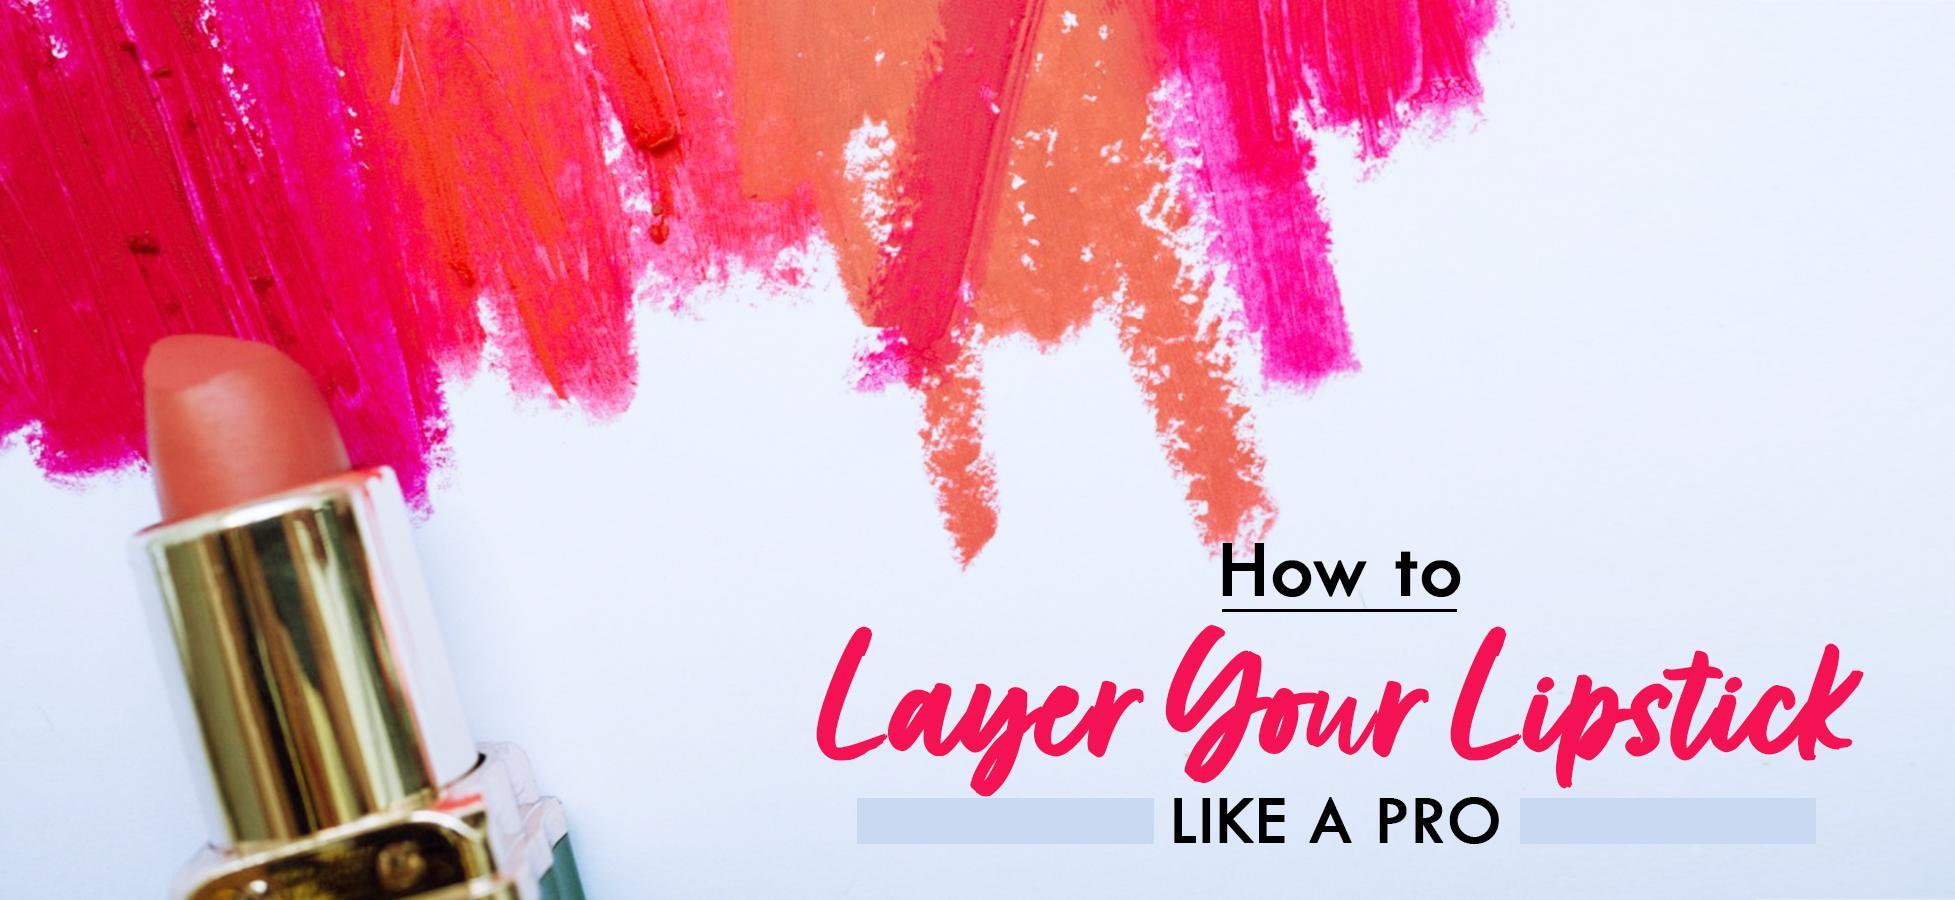 Lipstick Layering Guide for Unique Lip Shades